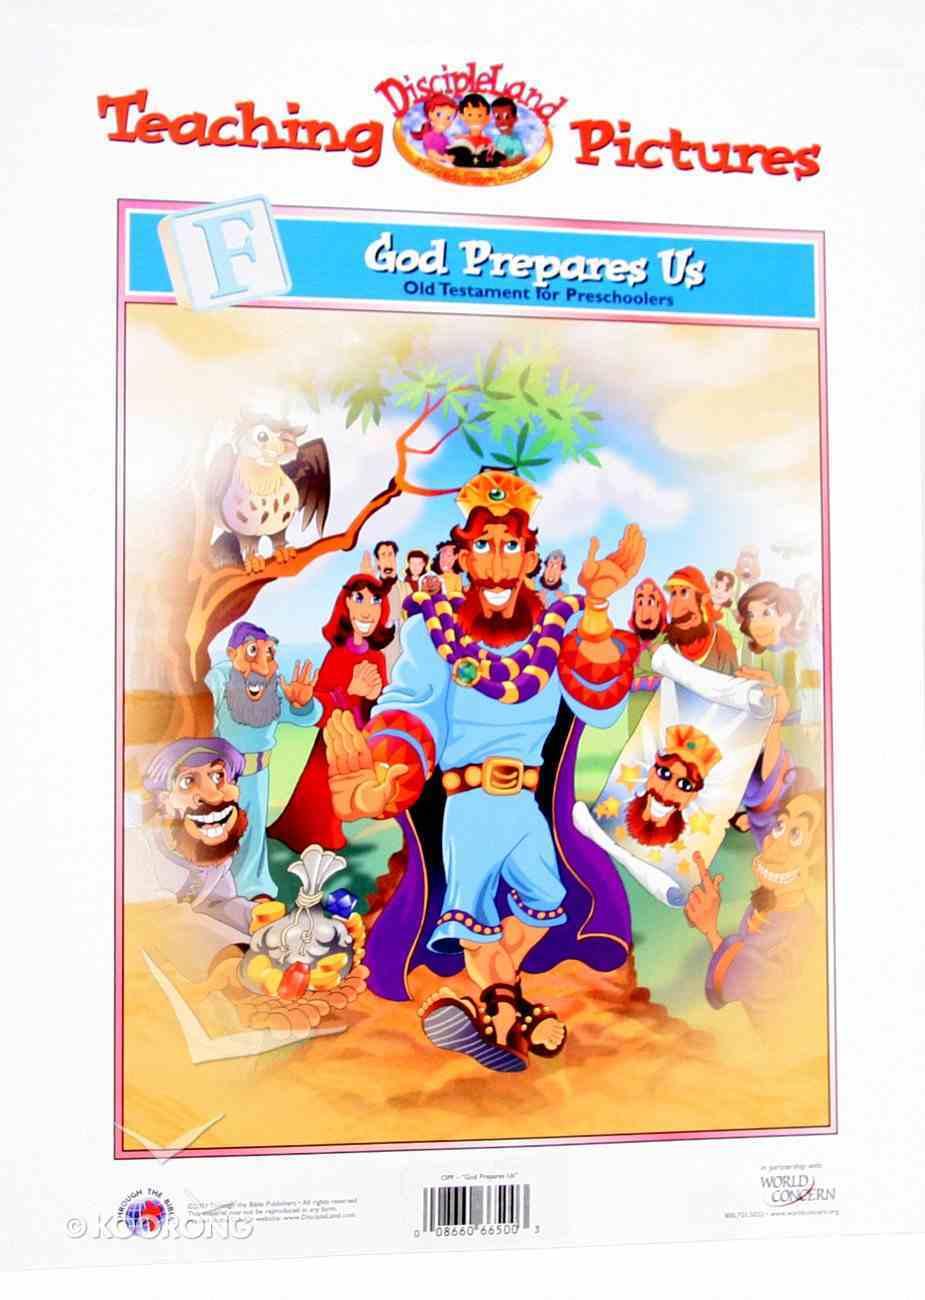 Dlc Preschool: OT, Unit F (Pictures) (Discipleland Preschool, Ages 3-5 Series) Paperback